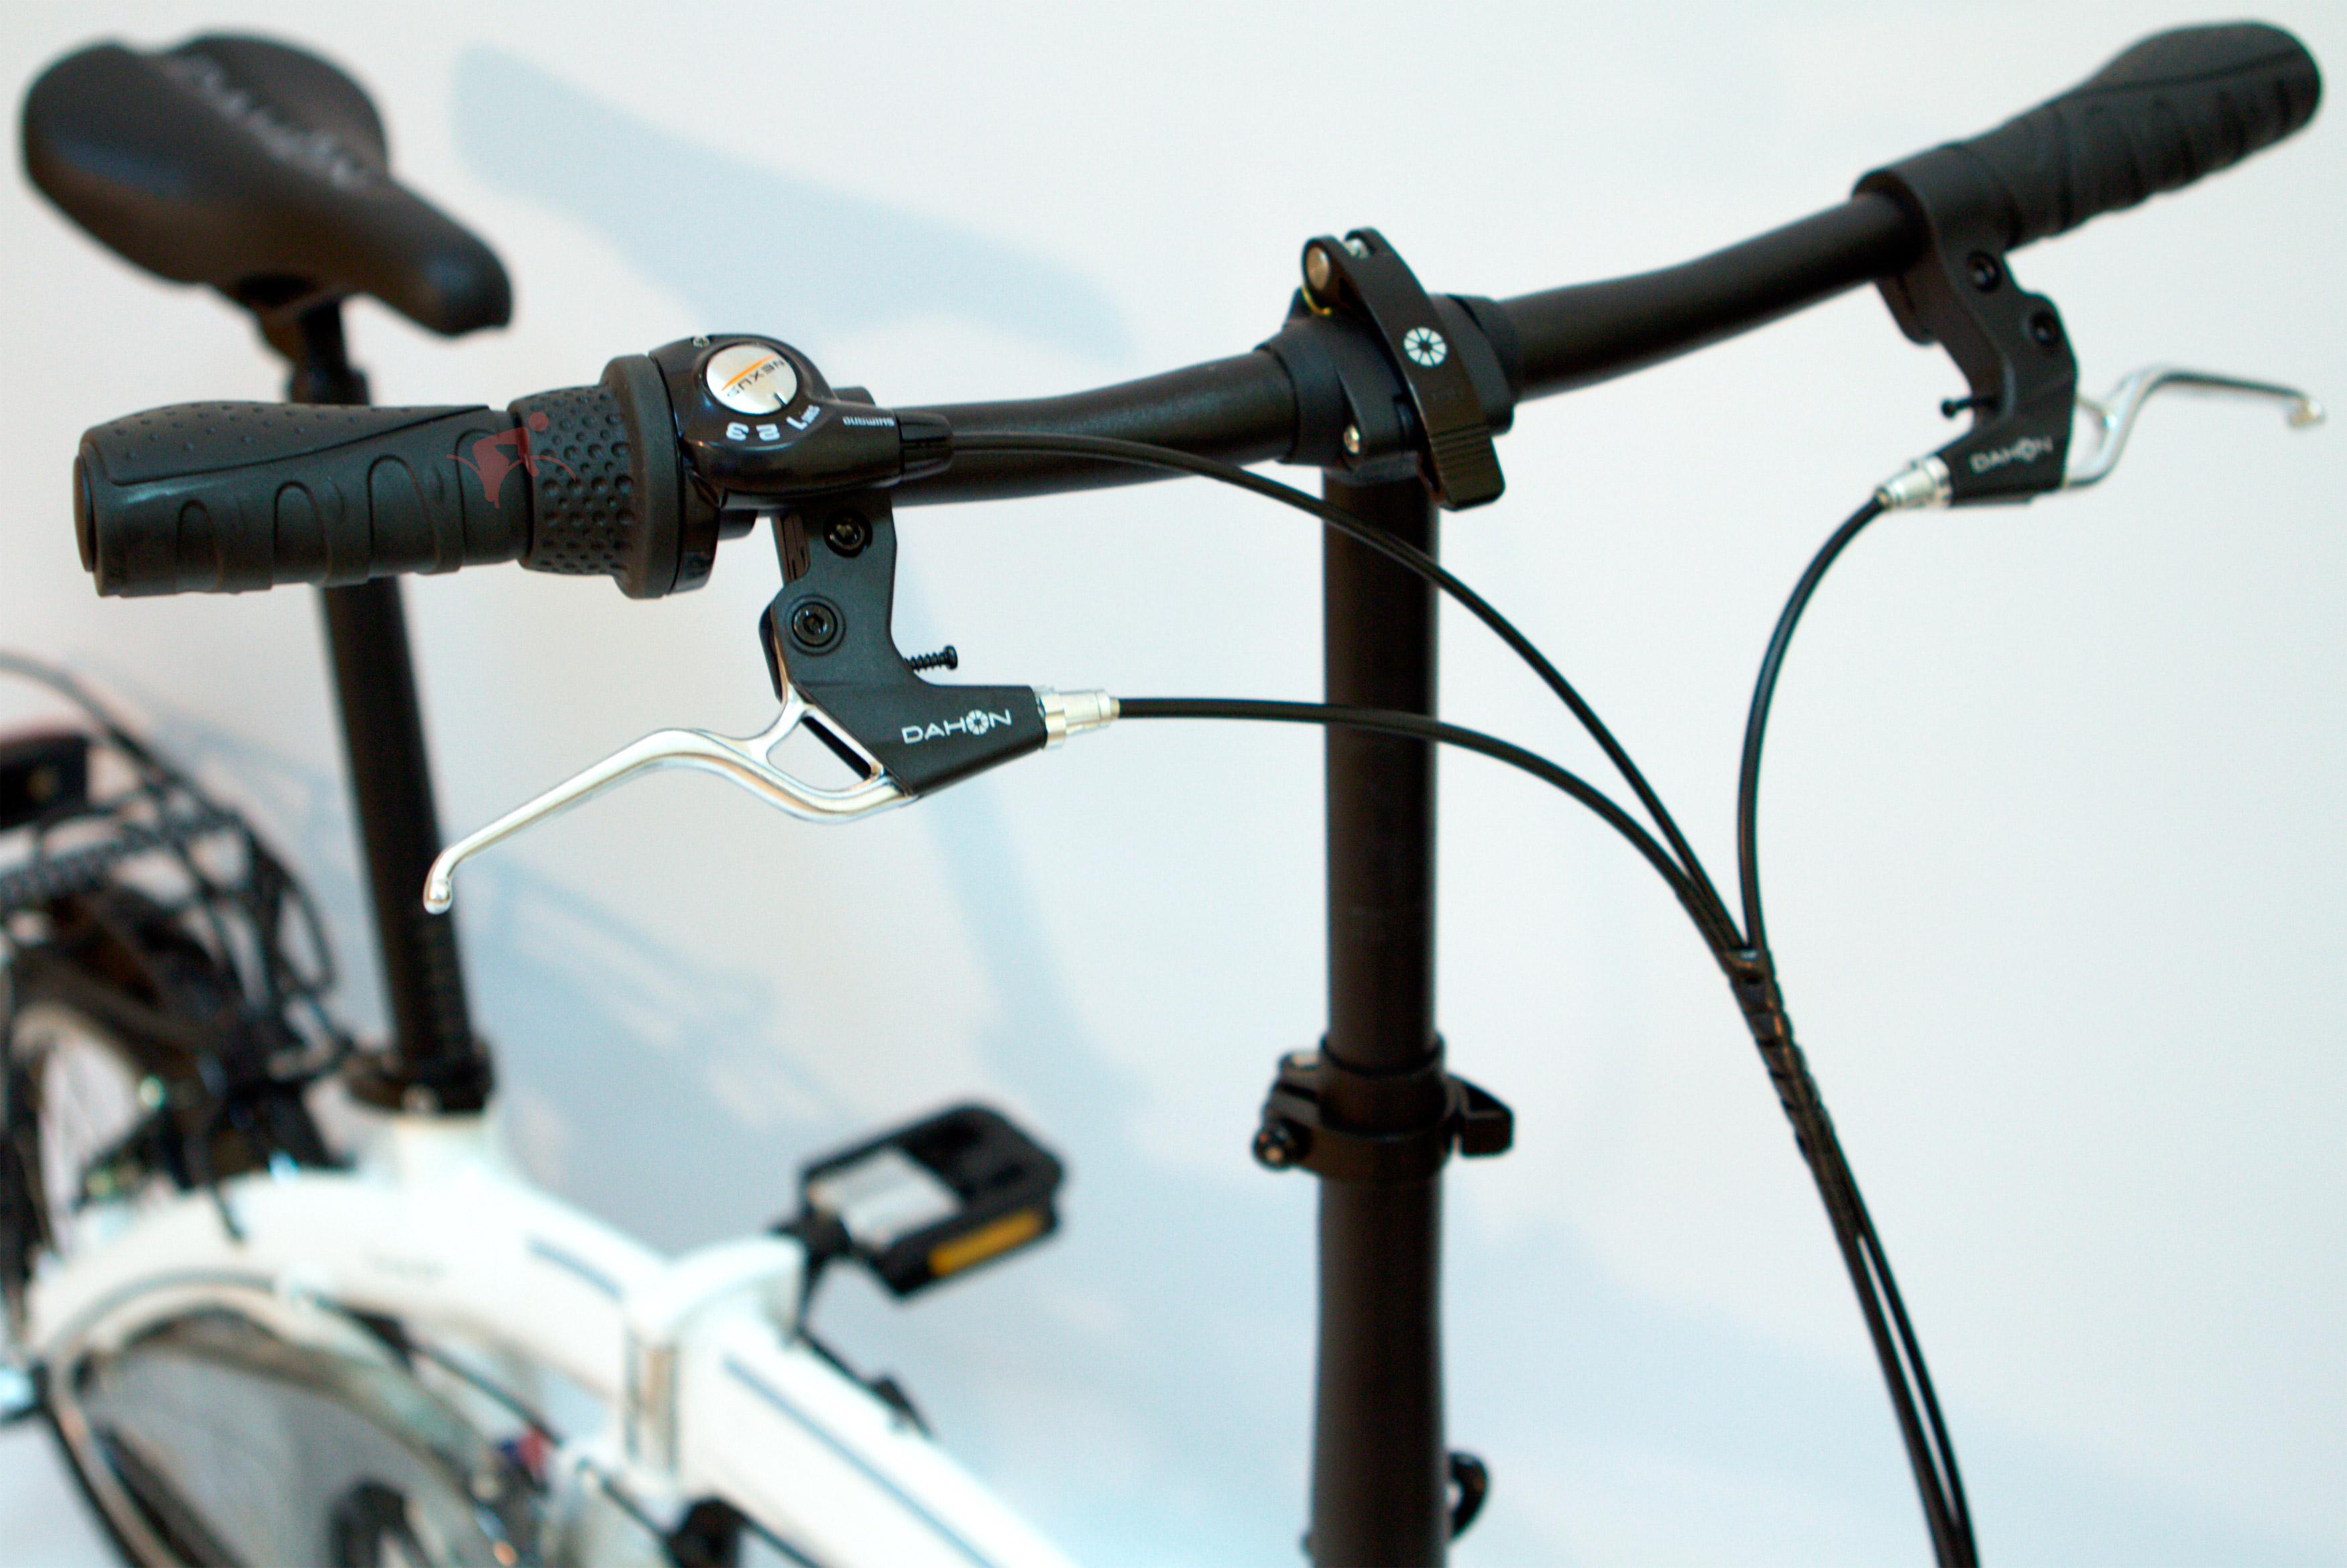 """Велосипед Dahon Curve i3 Cloud,колёса 16"""", крылья, багажник, насос, 3 скор."""